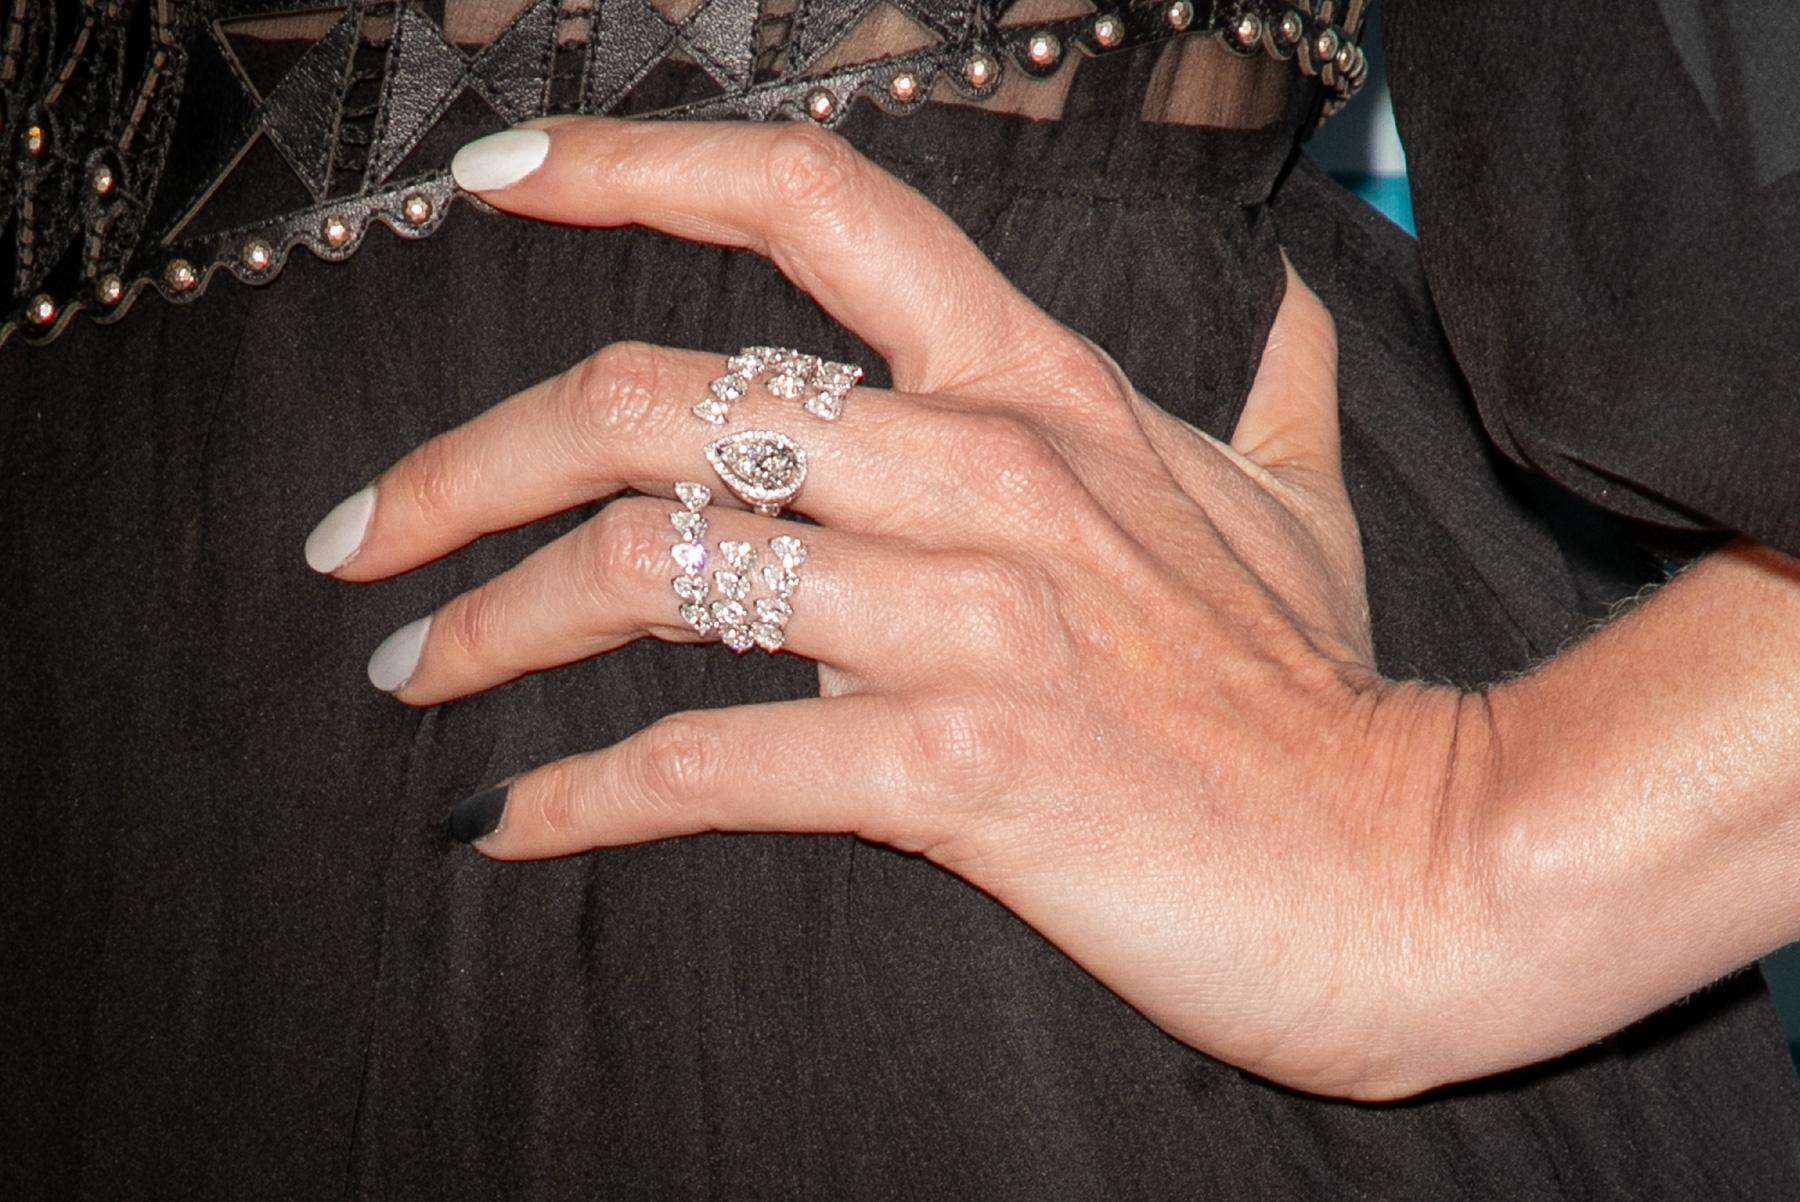 L'anello Shards of Mirror della collezione Once Upon A Time